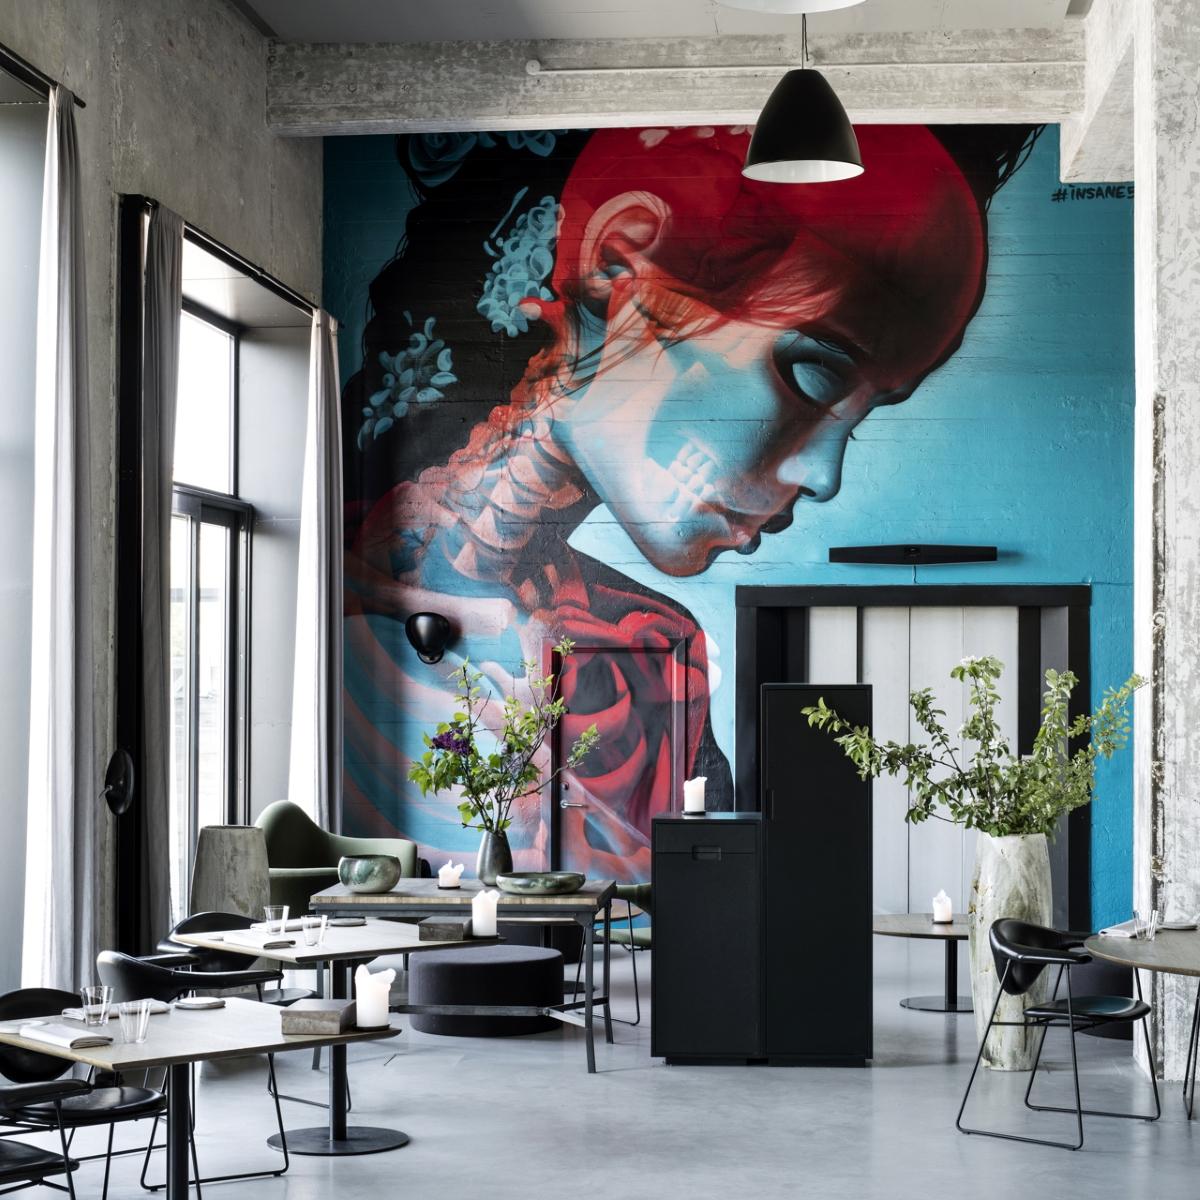 Amass_Restaurant Kopenhagen_Interieur 1